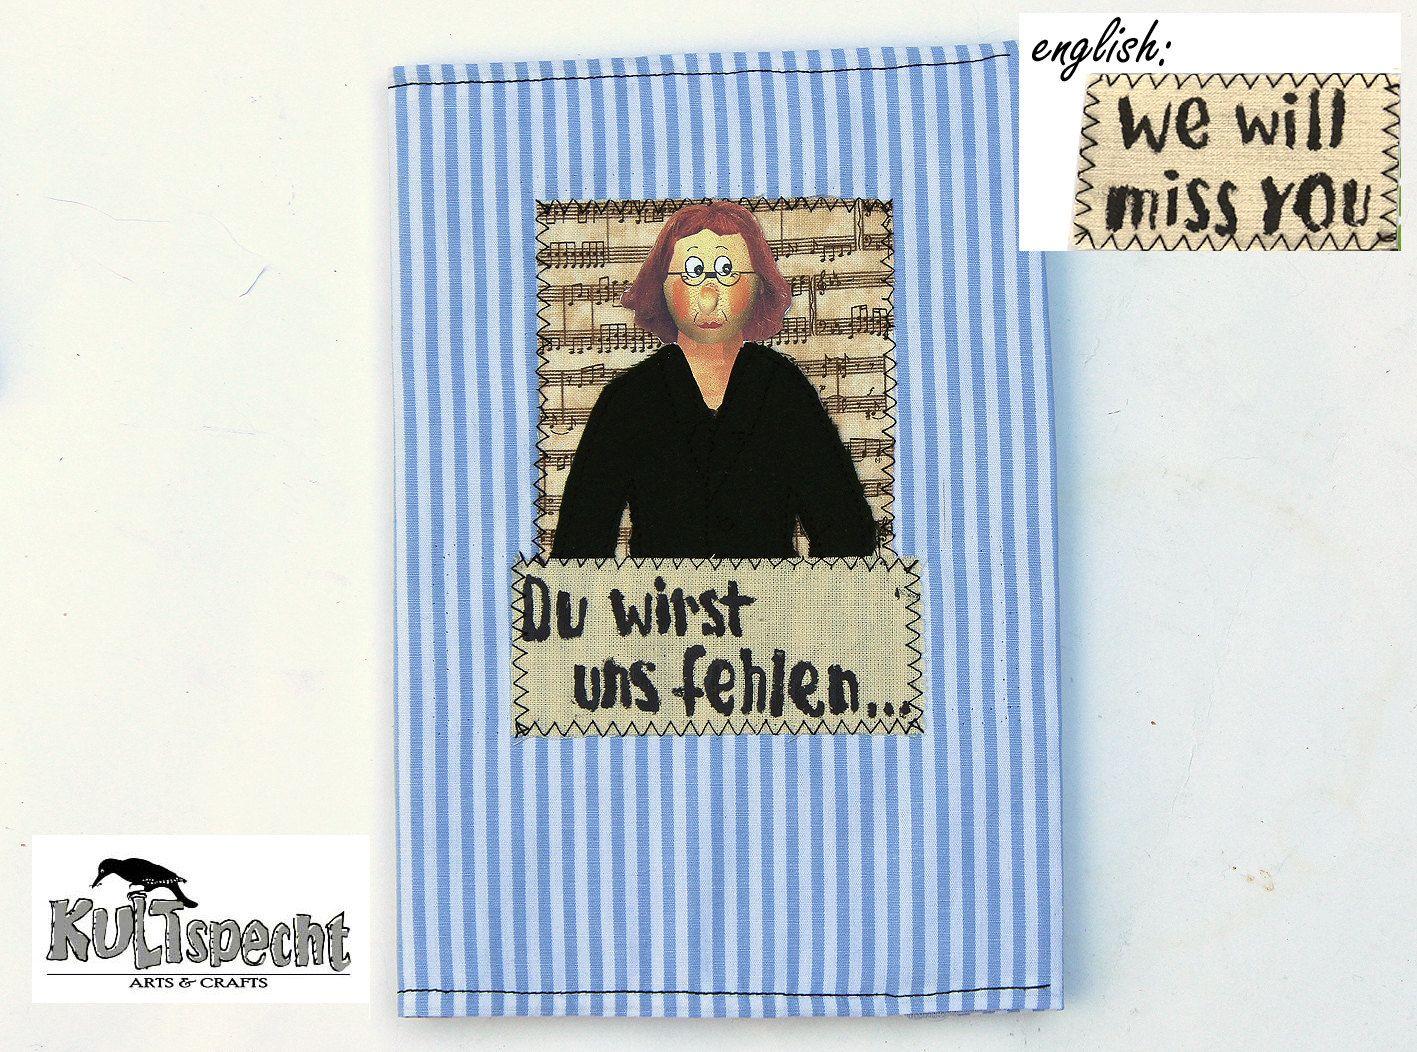 Abschiedsgeschenk Erinnerungsalbum, Geschenk Abschied Arbeitskollegin,  nettes Verabschiedungsgeschenk Frauen, Erinnerungen, Ruhestand von kultspecht auf Etsy